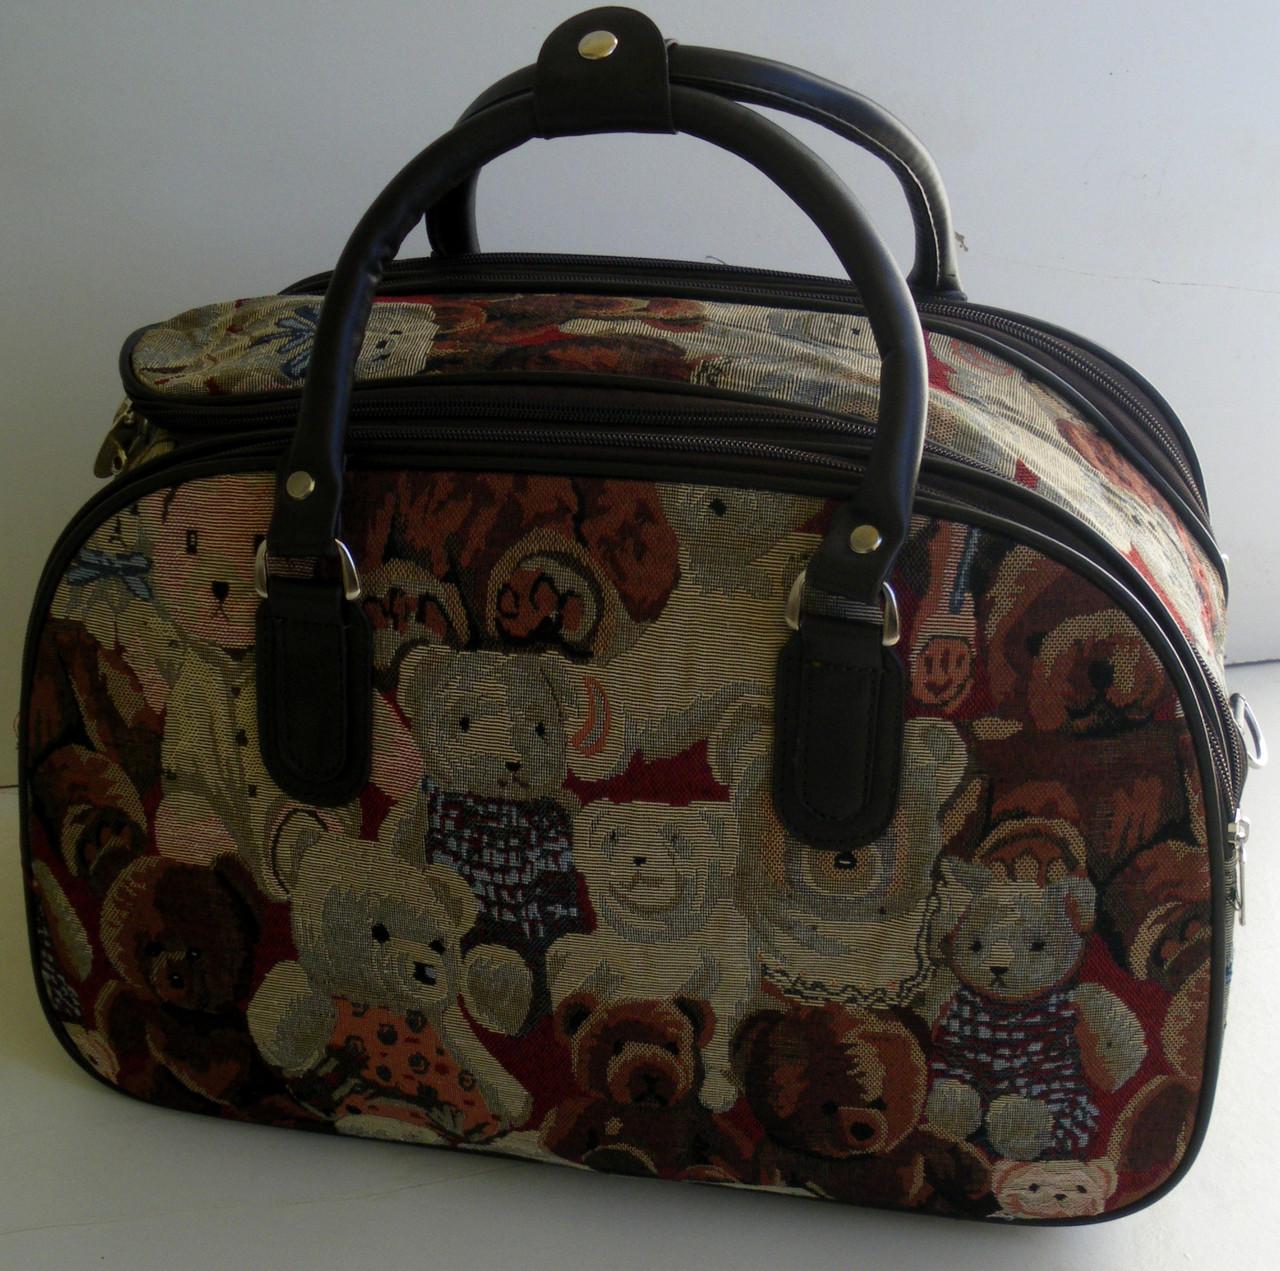 cc7dd9fdf3ad Купить дорожную сумку для ручной клади: продажа, цена в Закарпатской ...